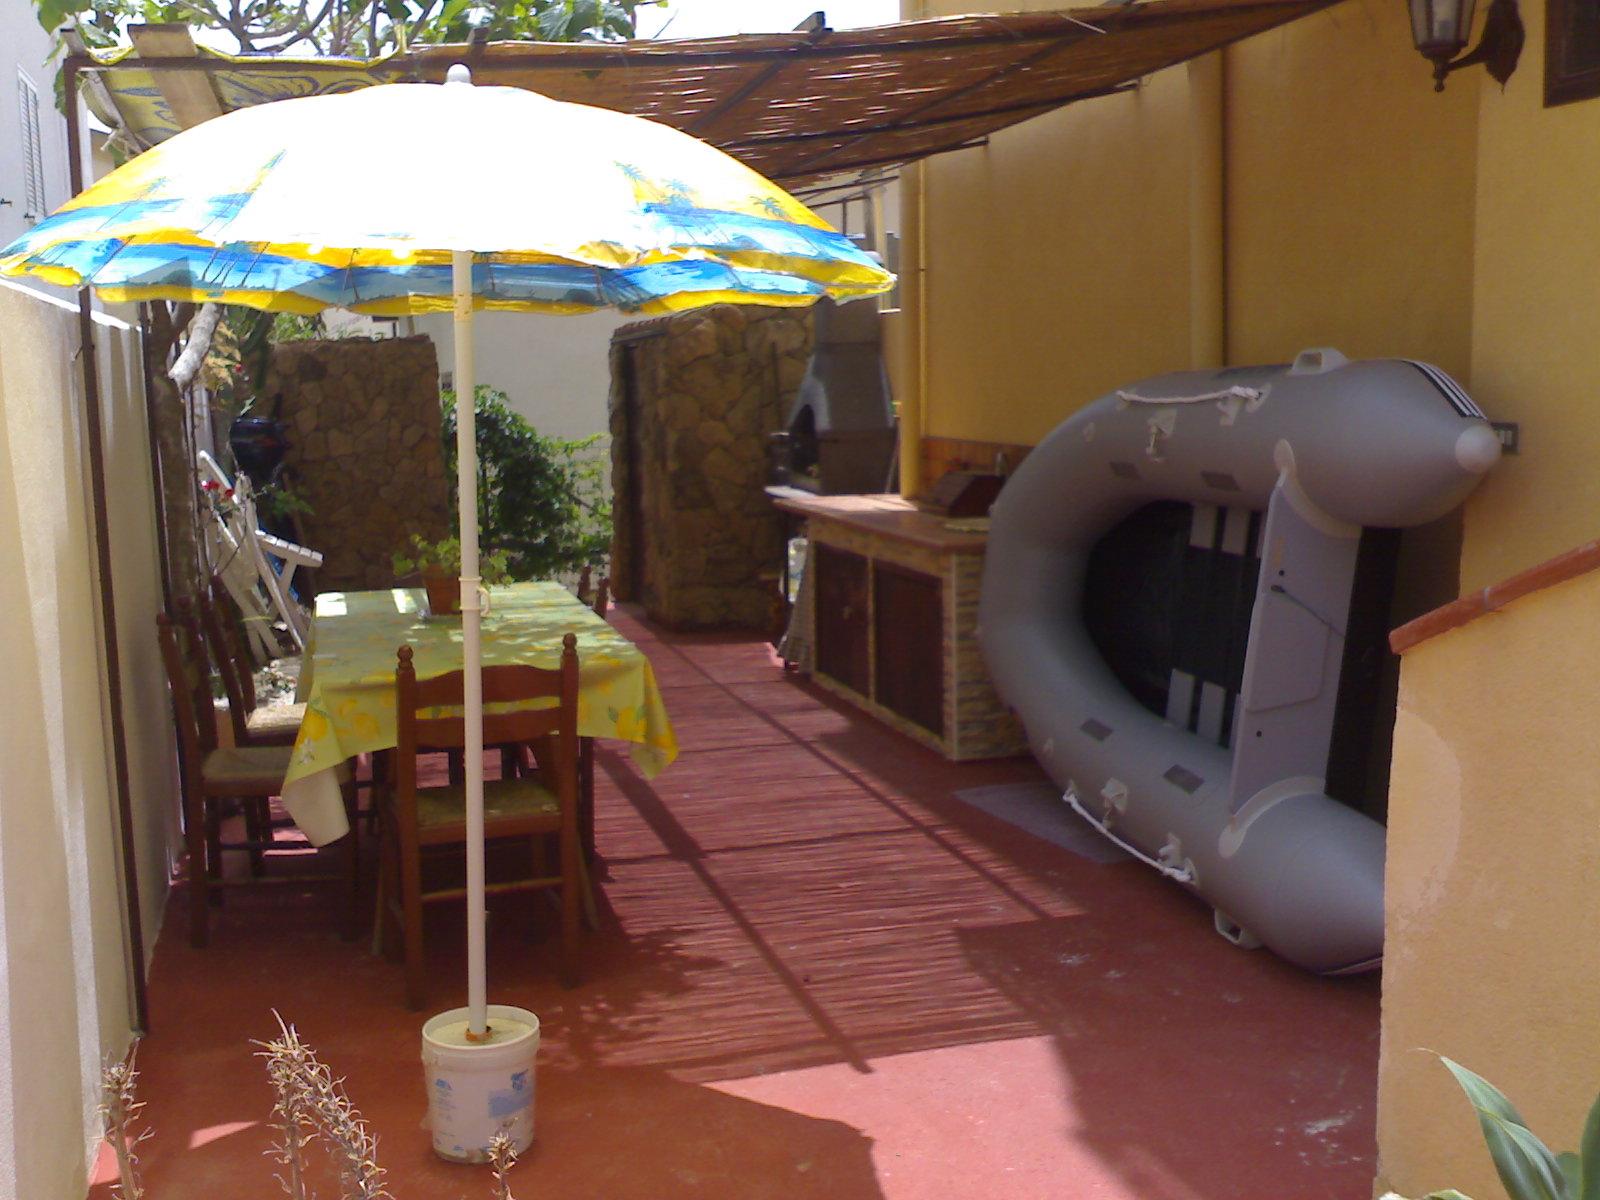 affitto appartamento mare realmonte 5417 (20110225010238-2011-63137-NDP.jpg)